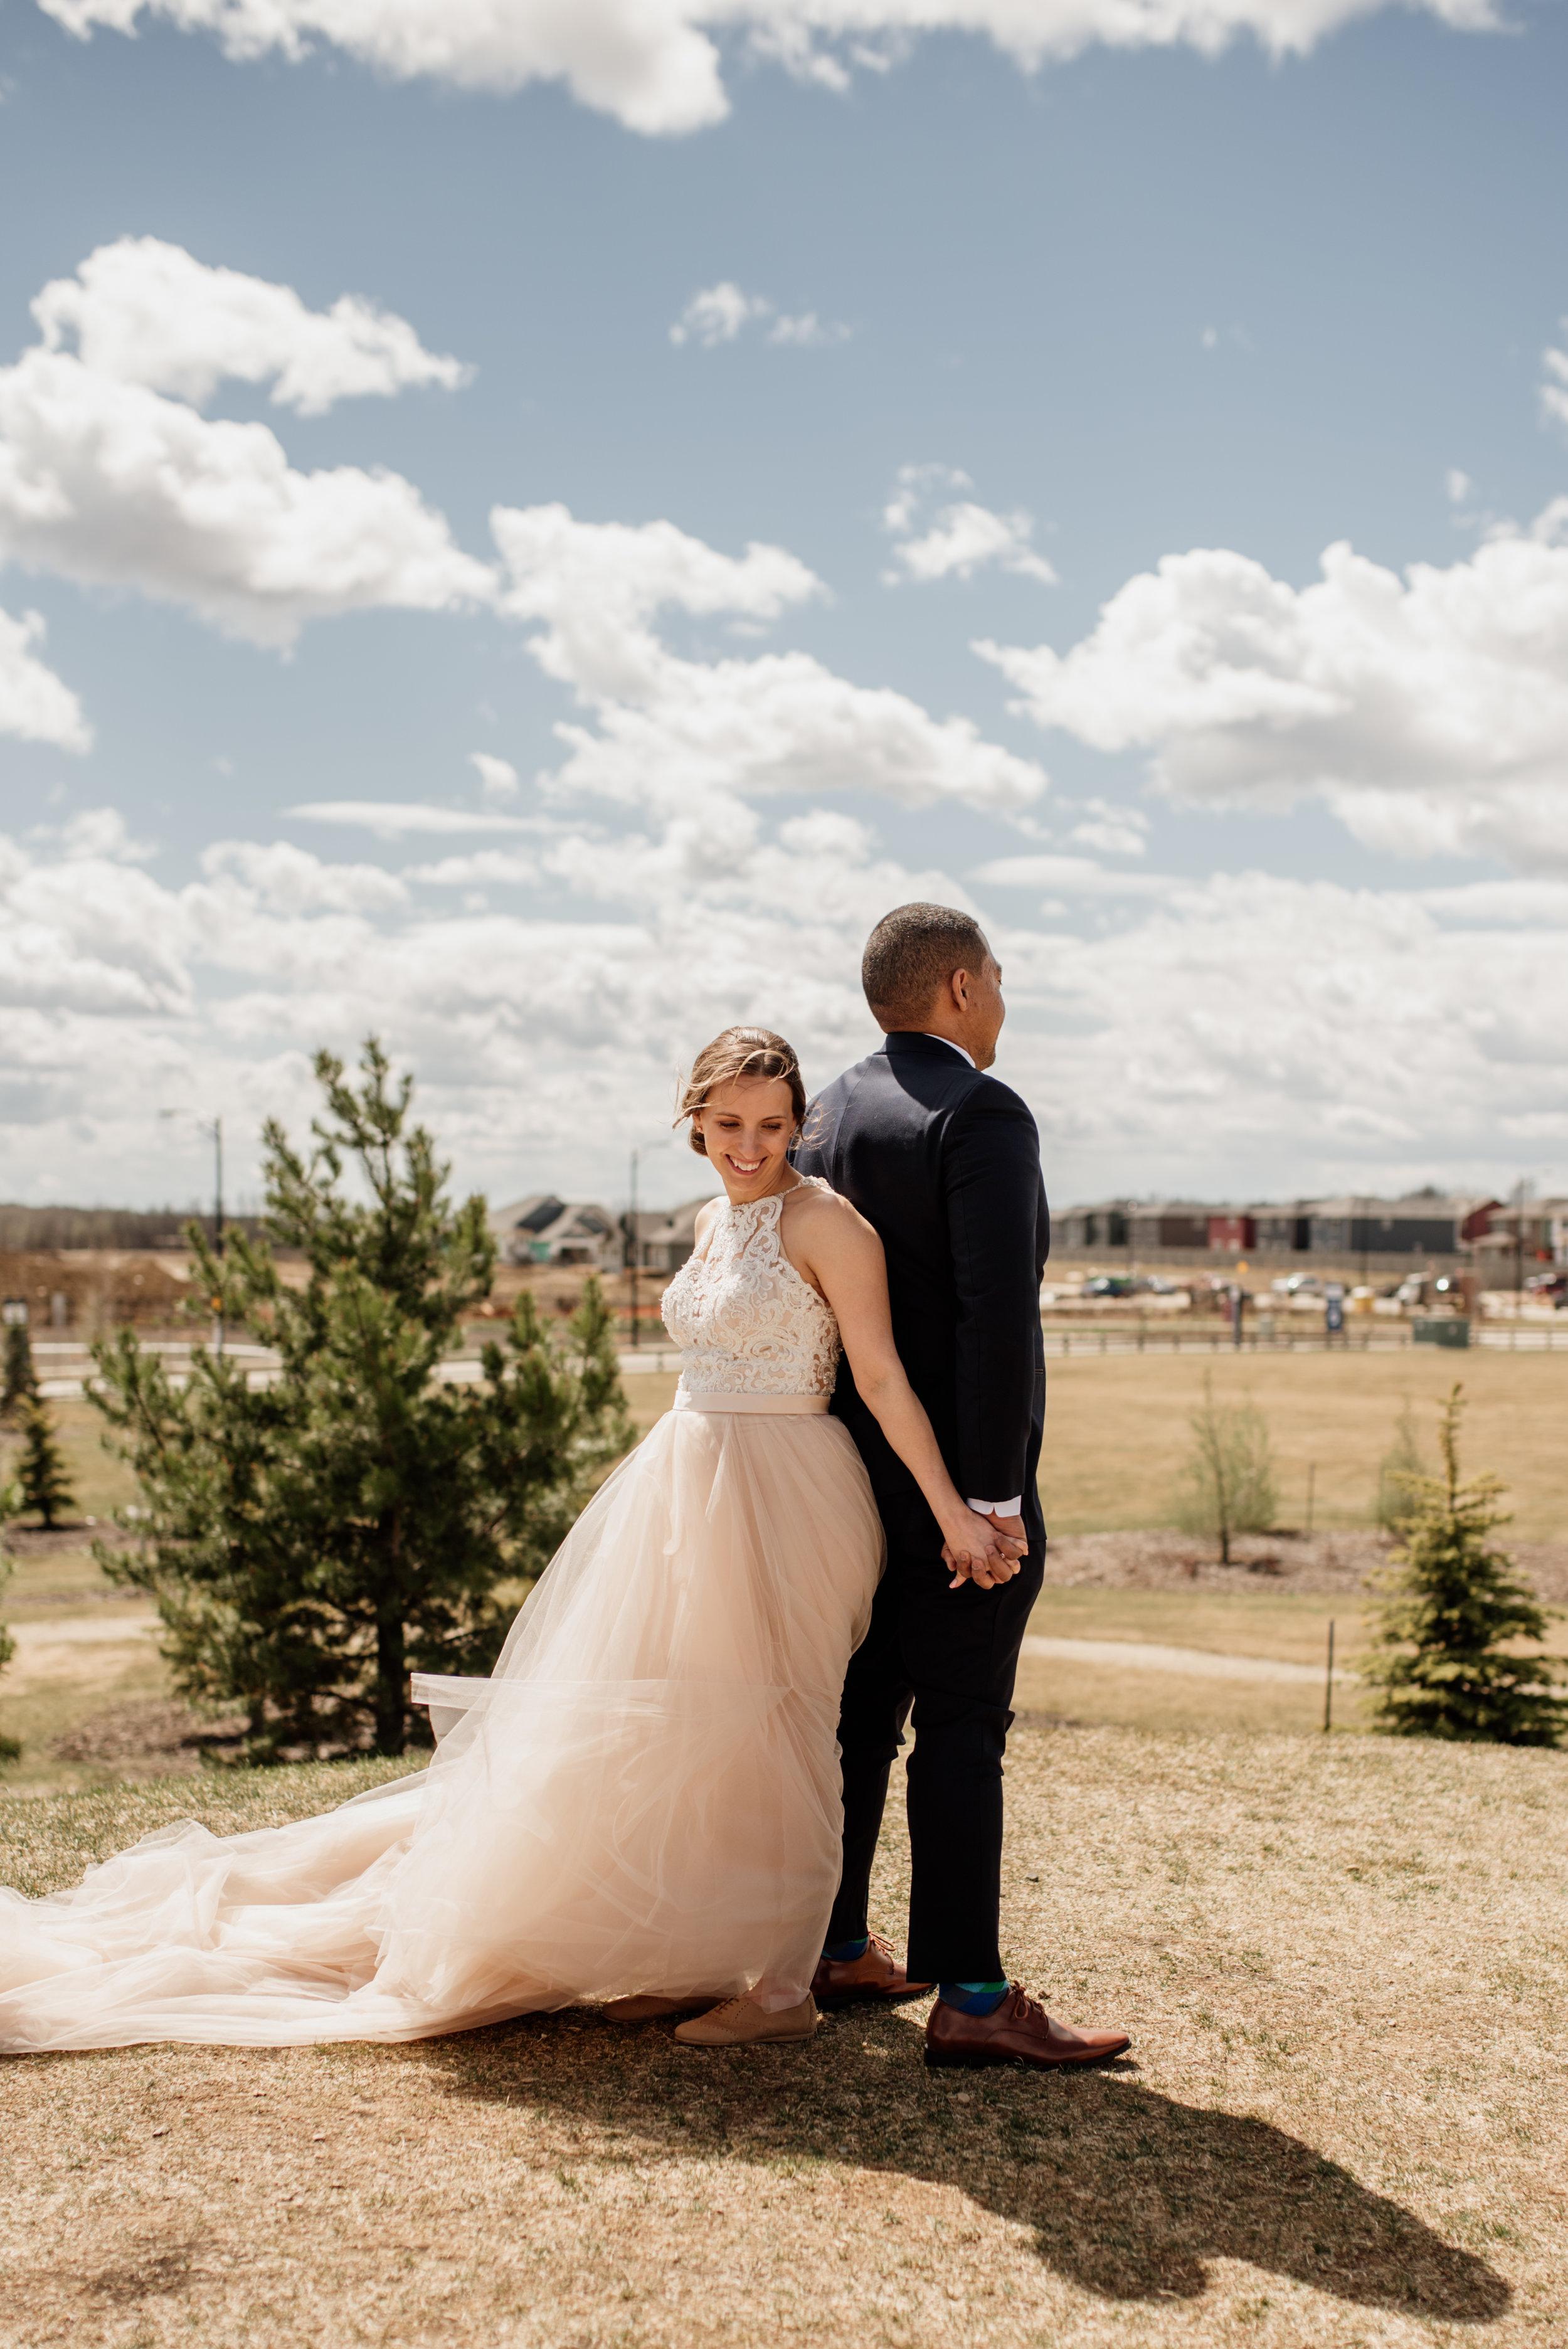 Edmonton Wedding Photographer | Rockwood Photography